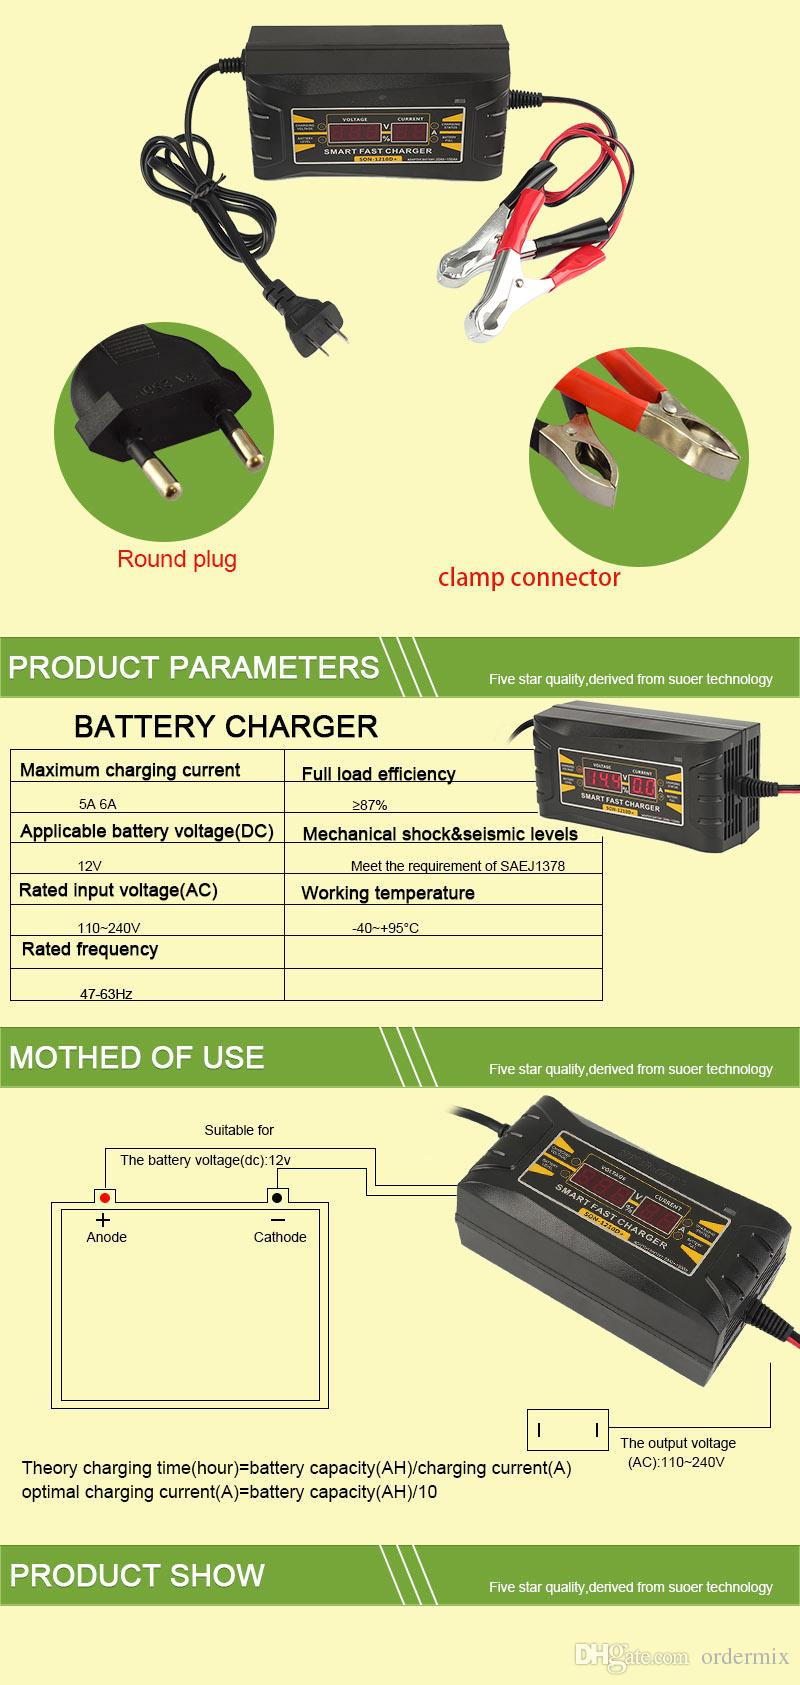 شاحن بطارية السيارة التلقائي بالكامل 110 فولت / 220 فولت إلى 12 فولت 6a 10a الذكية سريع الطاقة لشحن الرطب الجاف حمض الرقمية lcd عرض